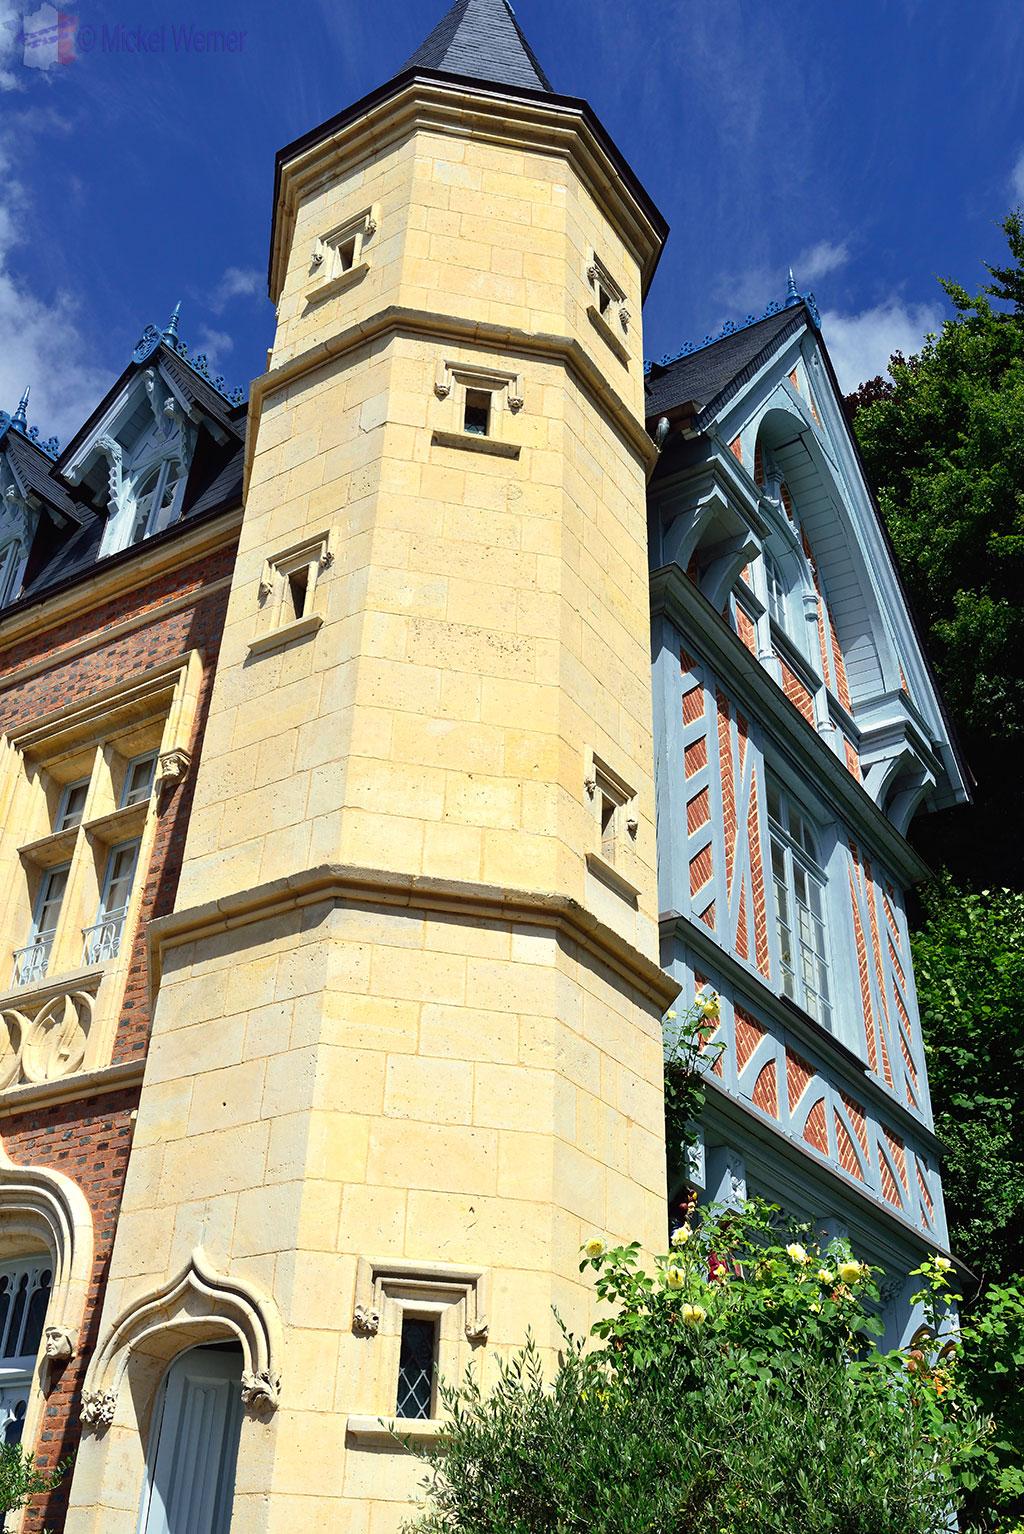 Manoir de Retival in Caudebec-en-Caux